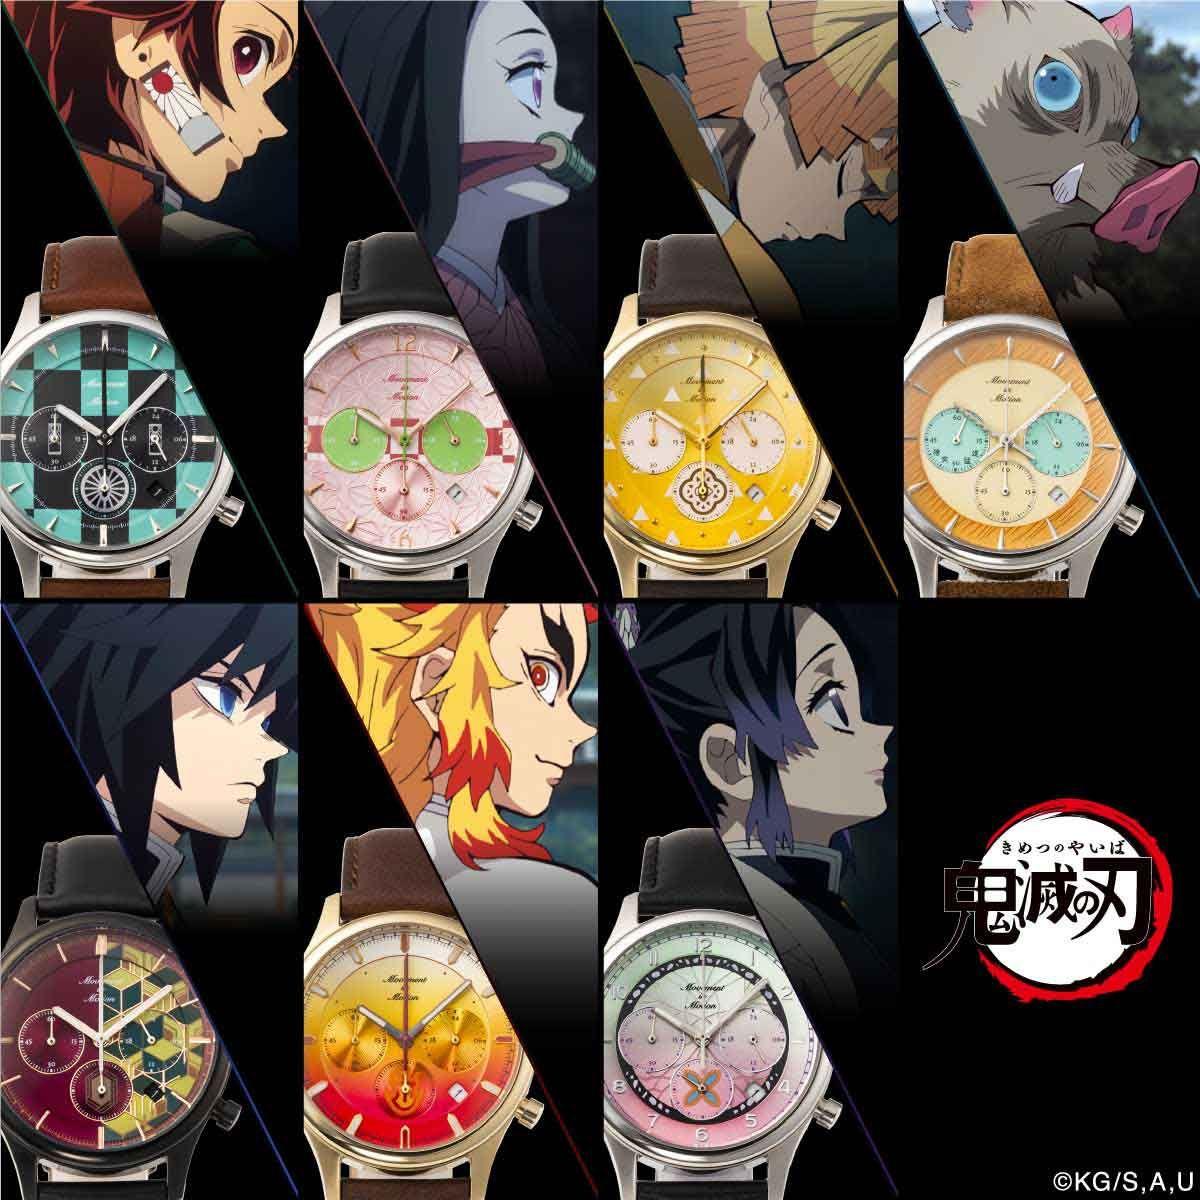 【限定販売】鬼滅の刃『TiCTACコラボレーションデザインウォッチ』腕時計-001